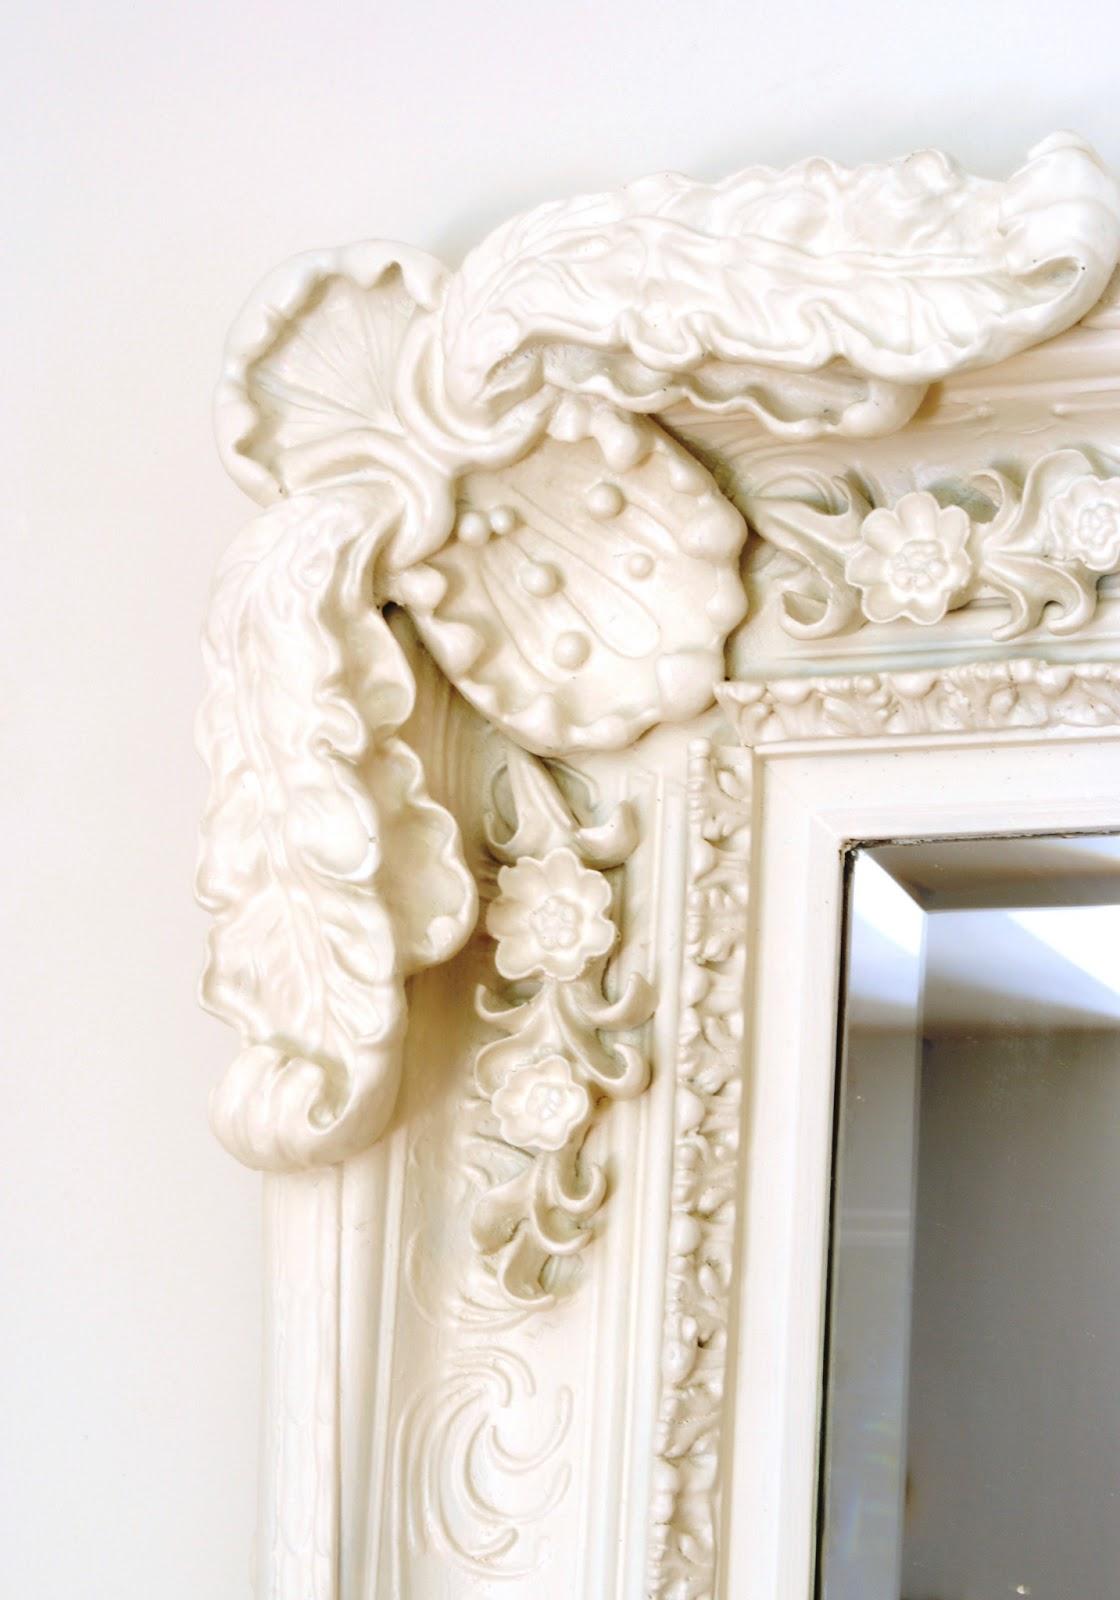 detalle moldura de espejo barroco